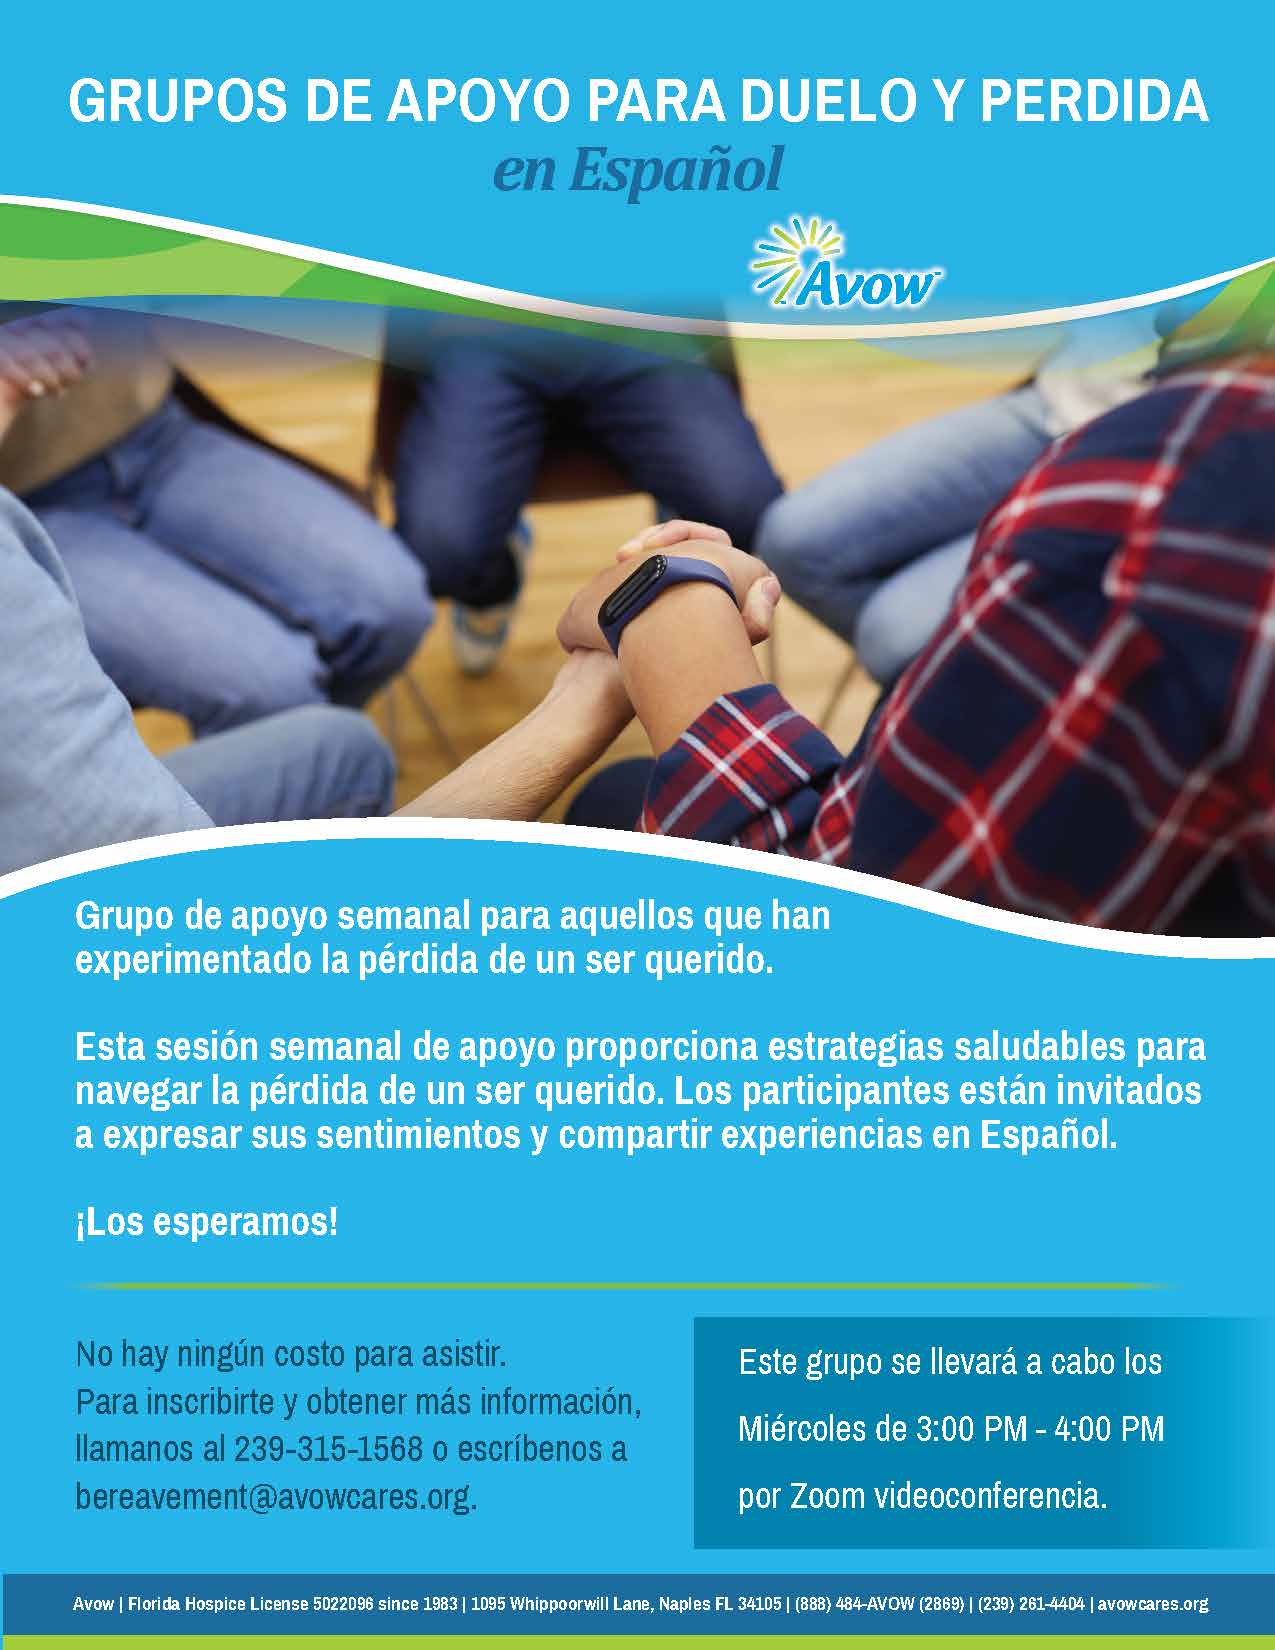 Grupos de Apoyo para Duelo y Perdida en Español